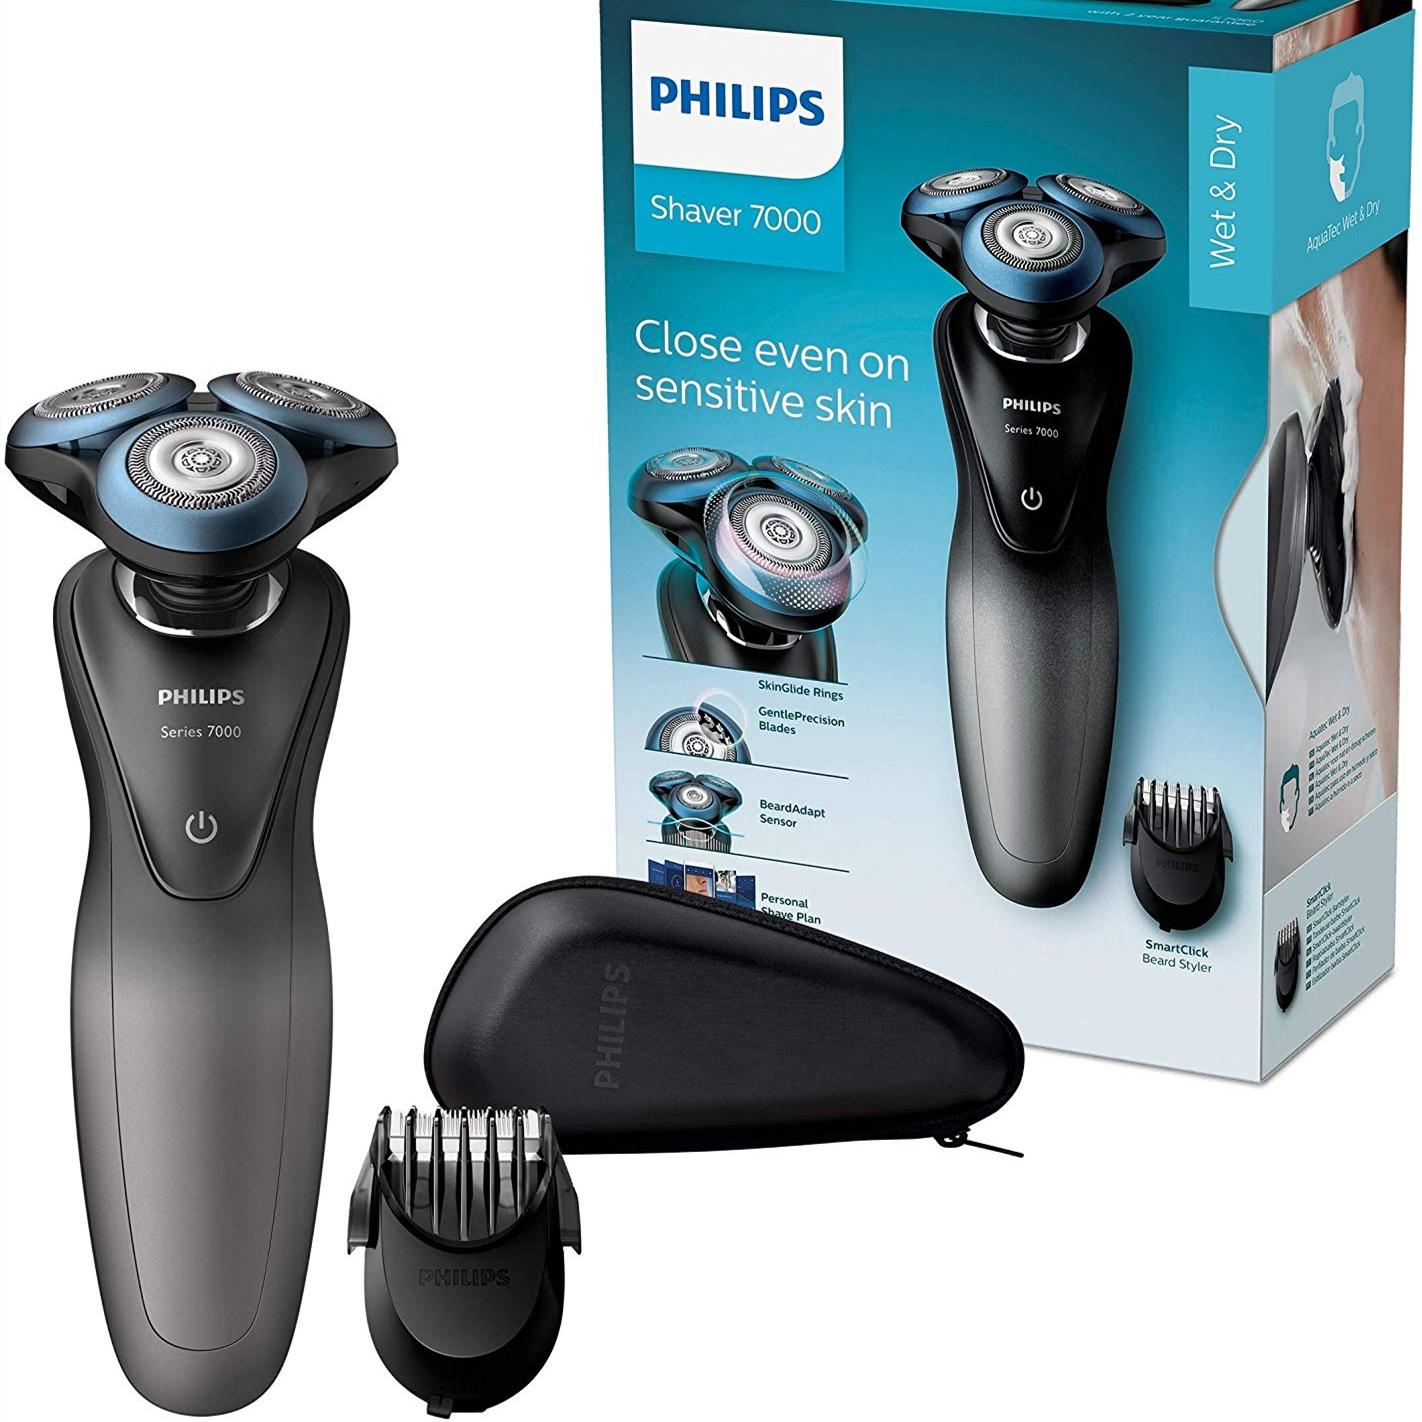 【中亞Prime會員】Philips 飛利浦 S7960/17 電動干濕兩用剃須刀 7000系列